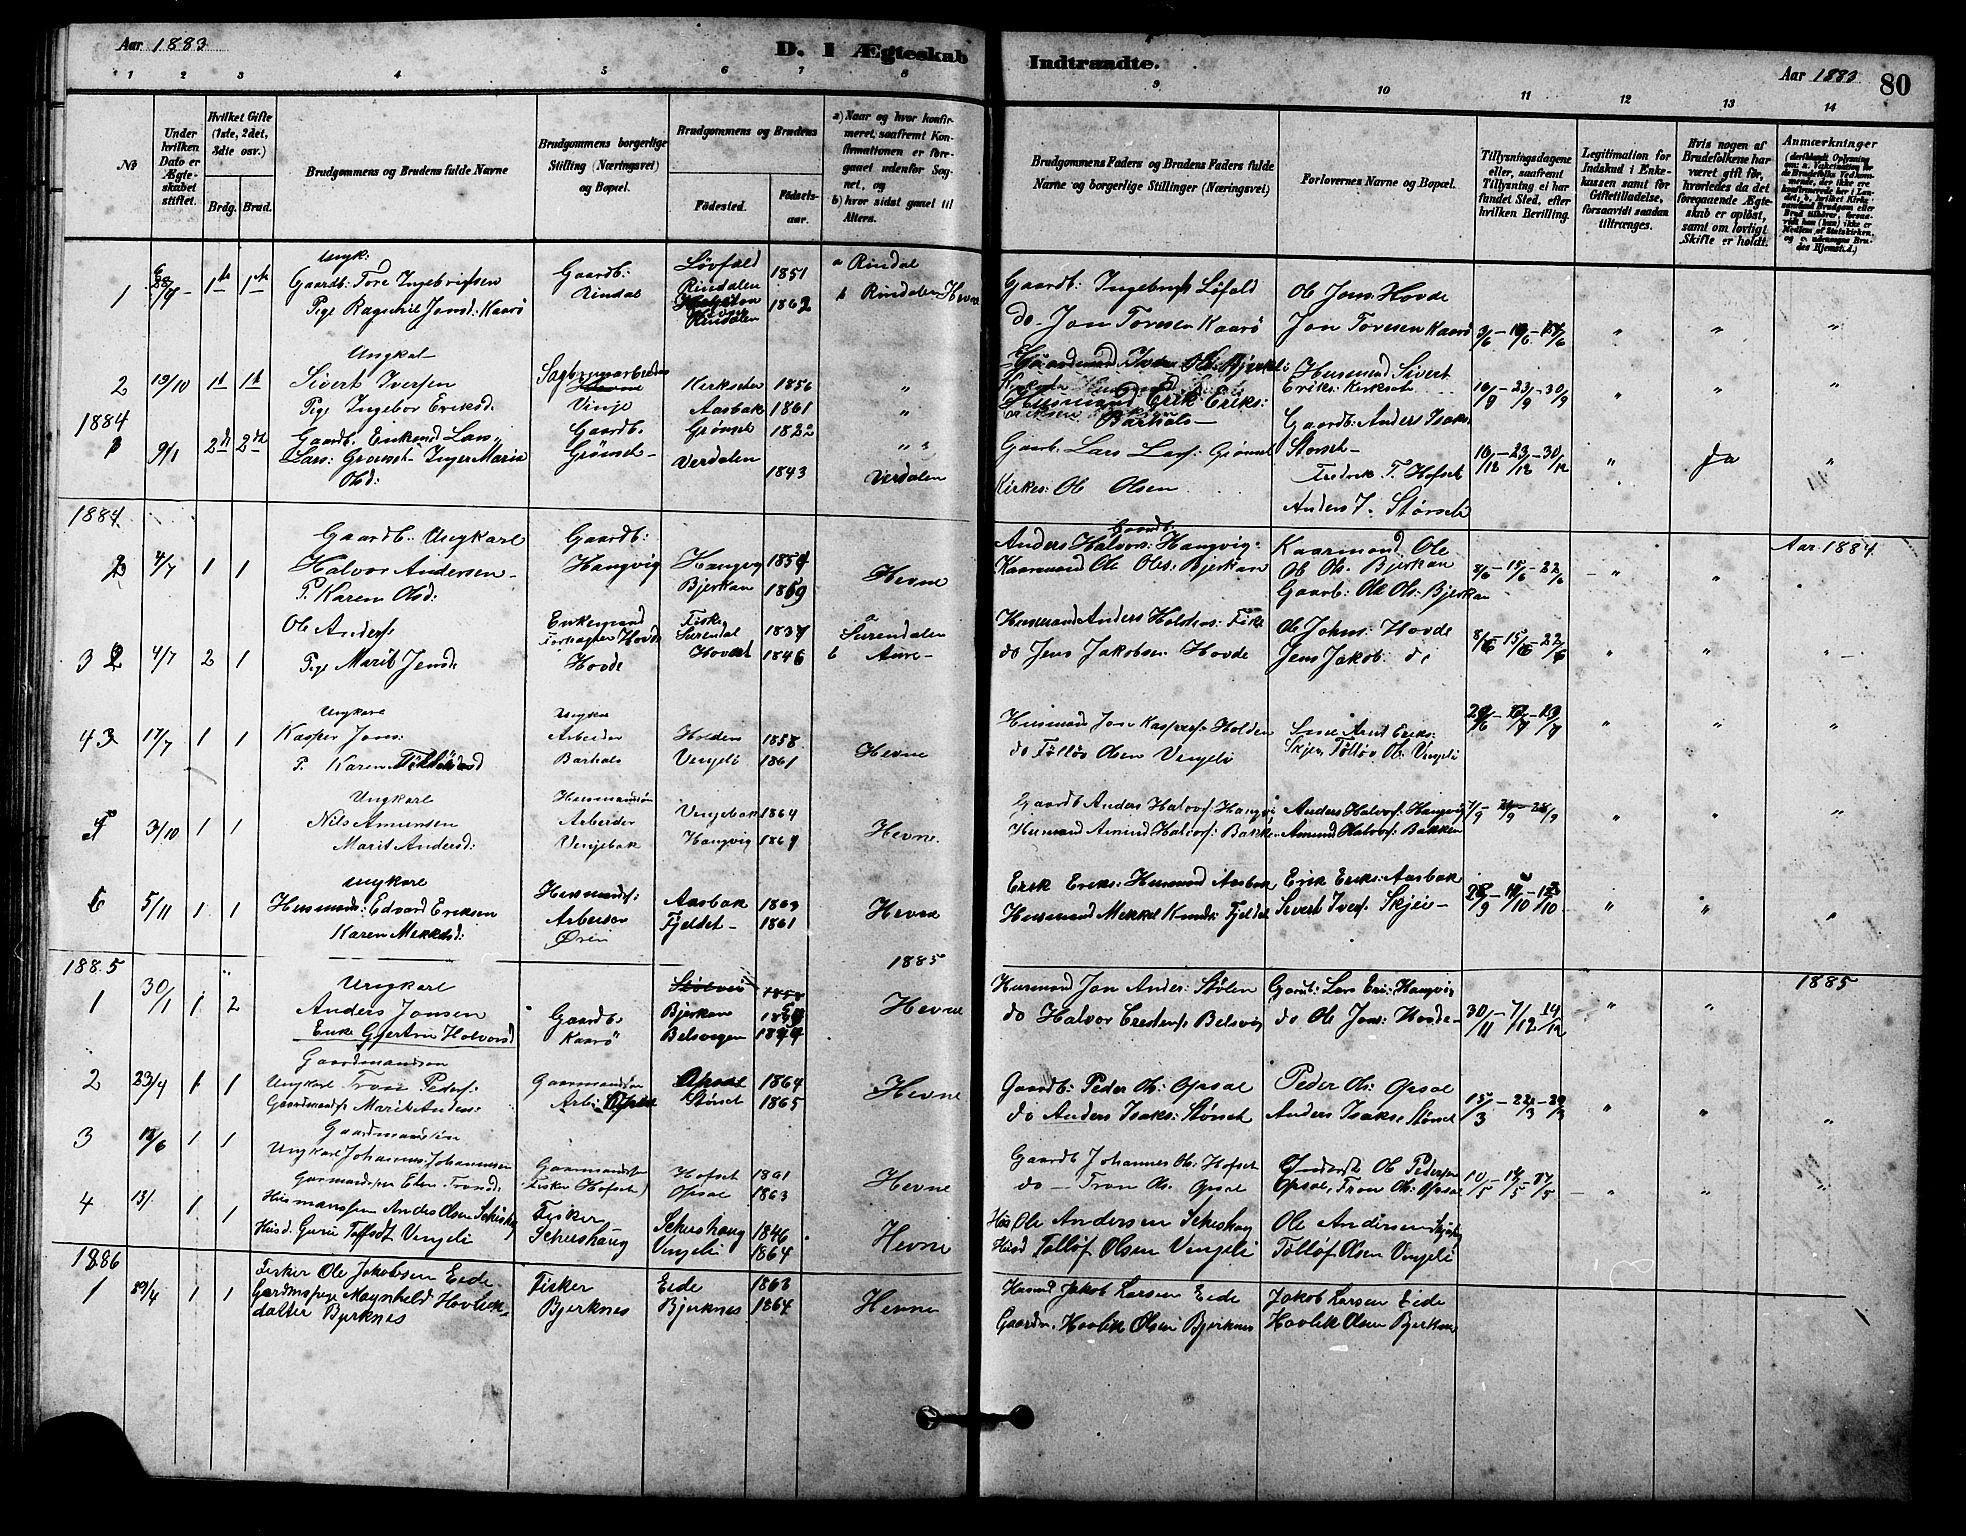 SAT, Ministerialprotokoller, klokkerbøker og fødselsregistre - Sør-Trøndelag, 631/L0514: Klokkerbok nr. 631C02, 1879-1912, s. 80